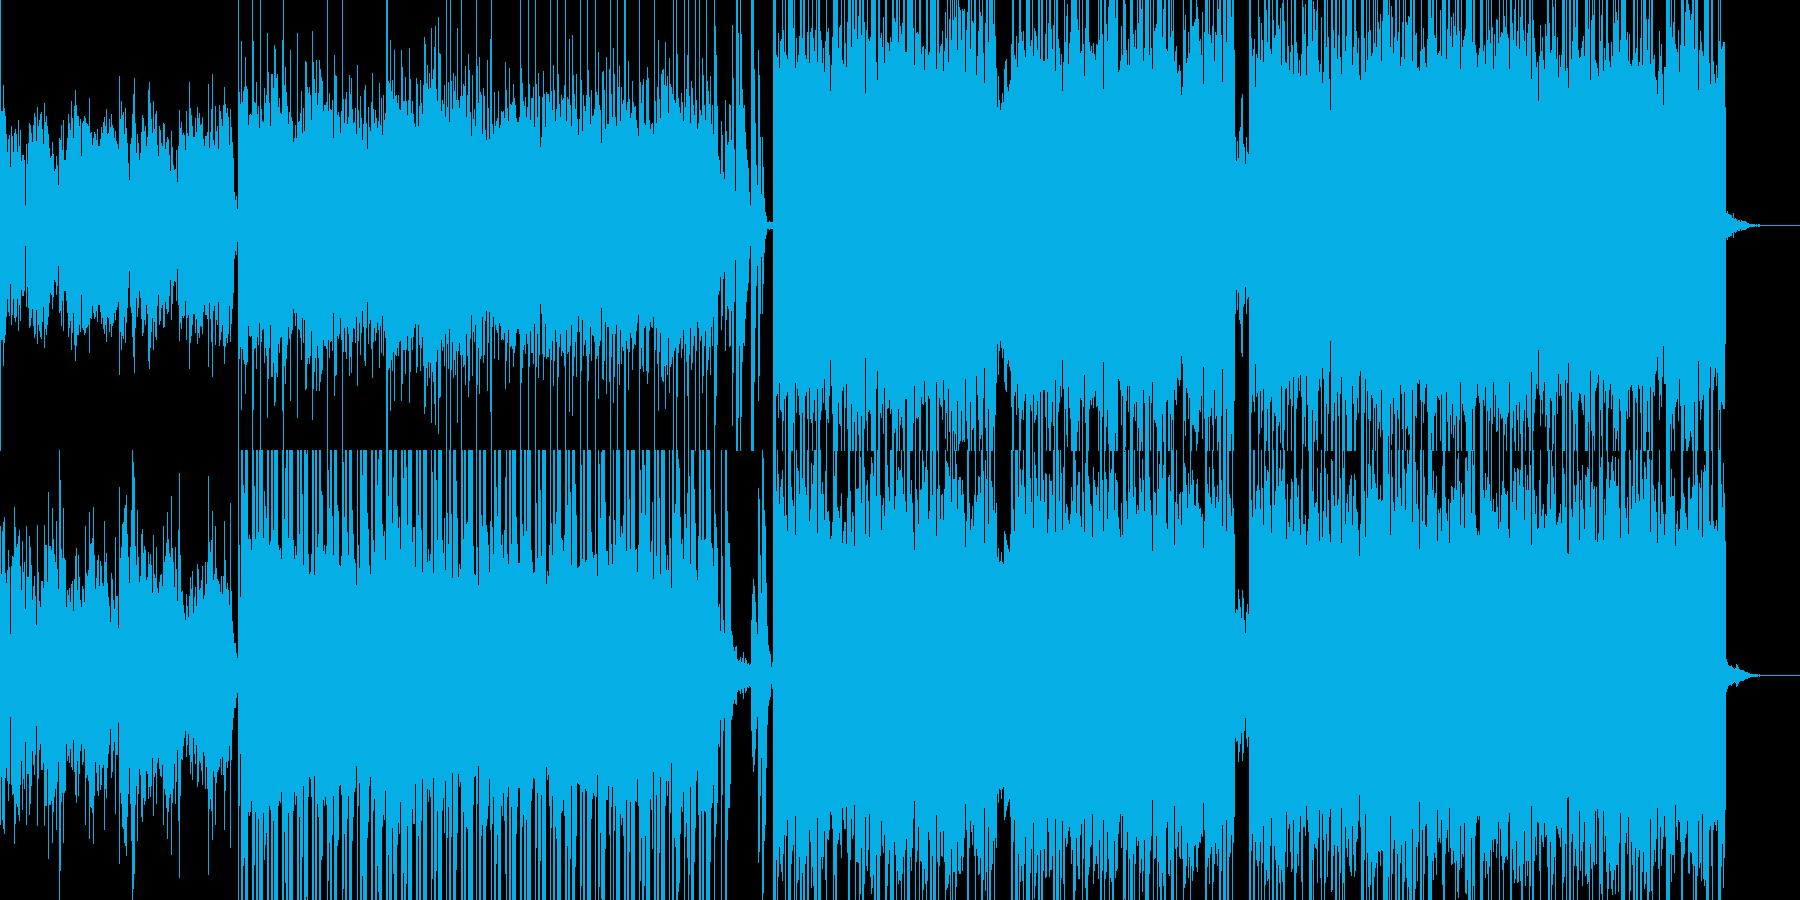 入場オープニングにエスニック風デジロックの再生済みの波形